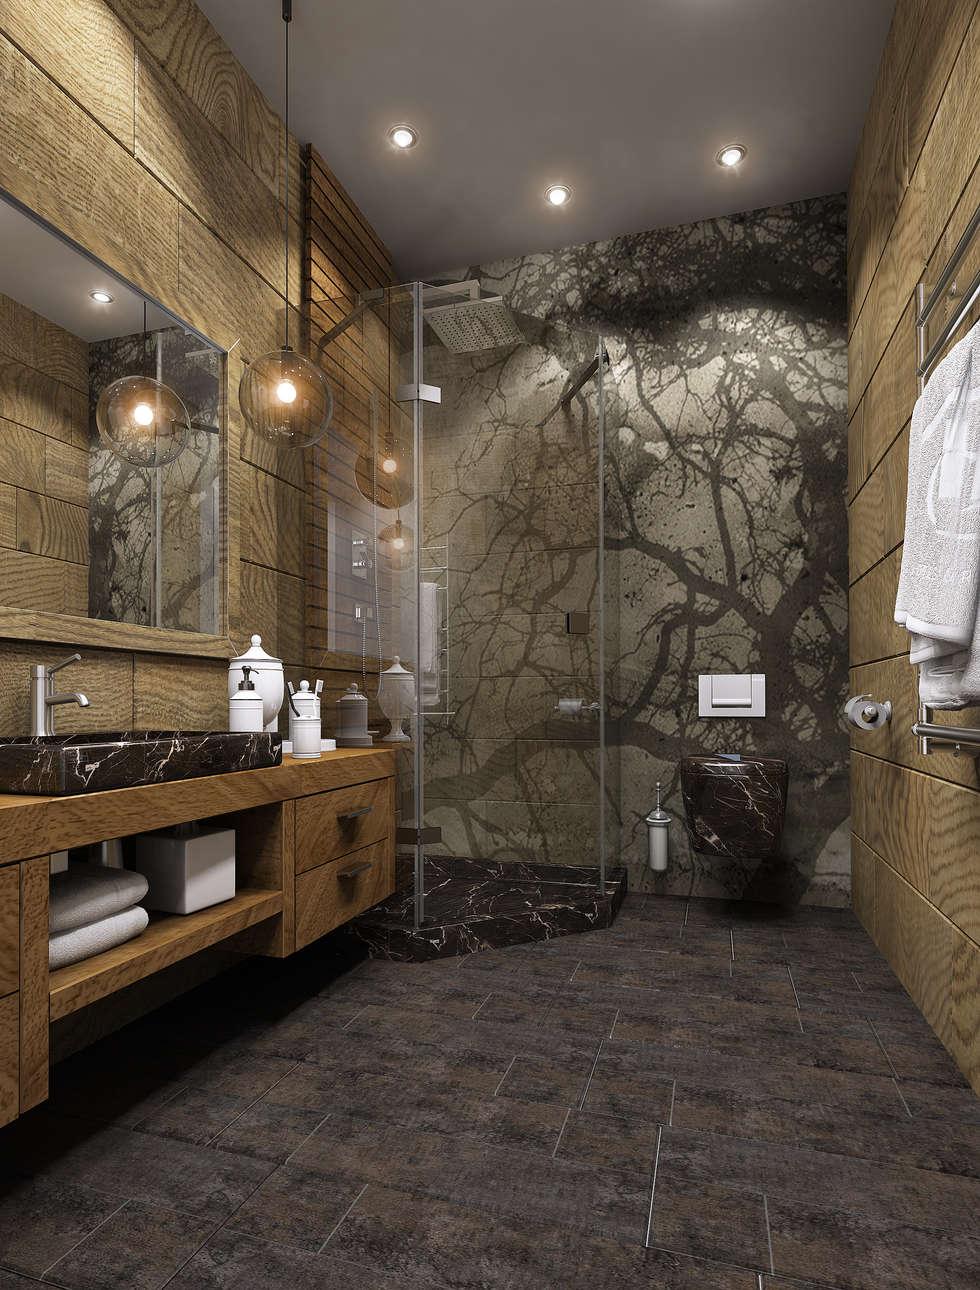 Baños de estilo ecléctico de MONTE FEE INTERIOR DESIGN STUDIO